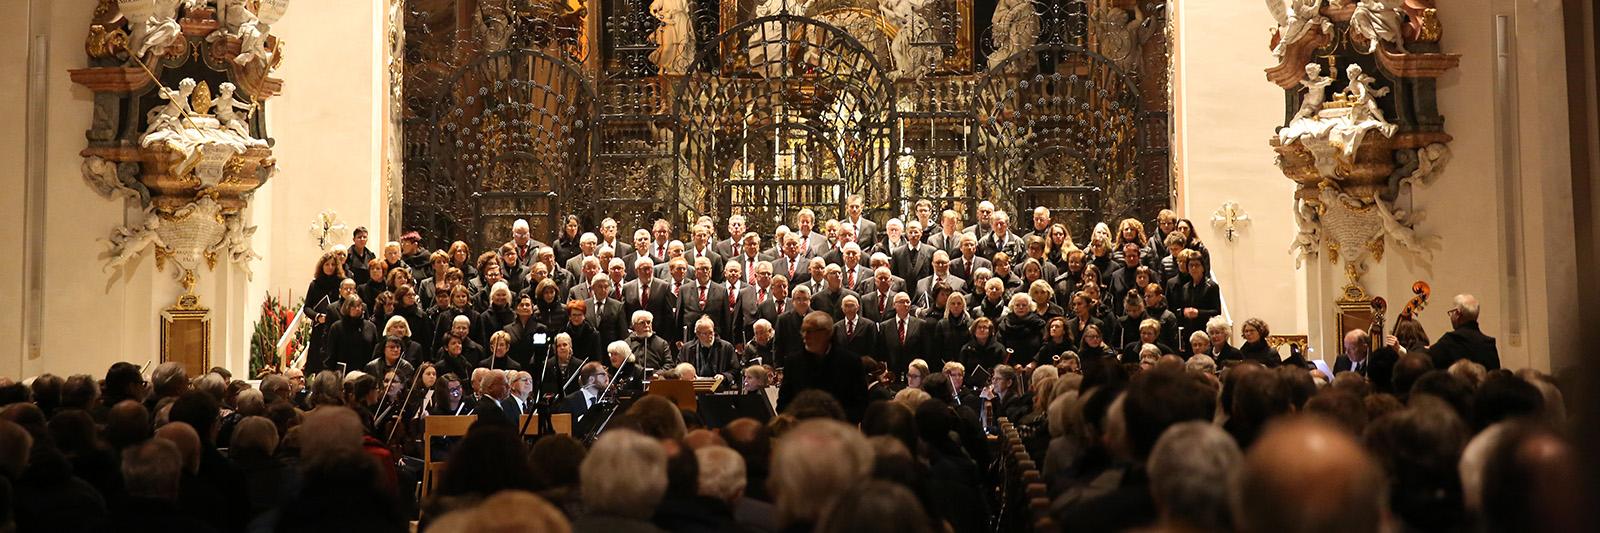 Konzerte Weihnachten 2019.Konzerte Besuchen Kloster Einsiedeln